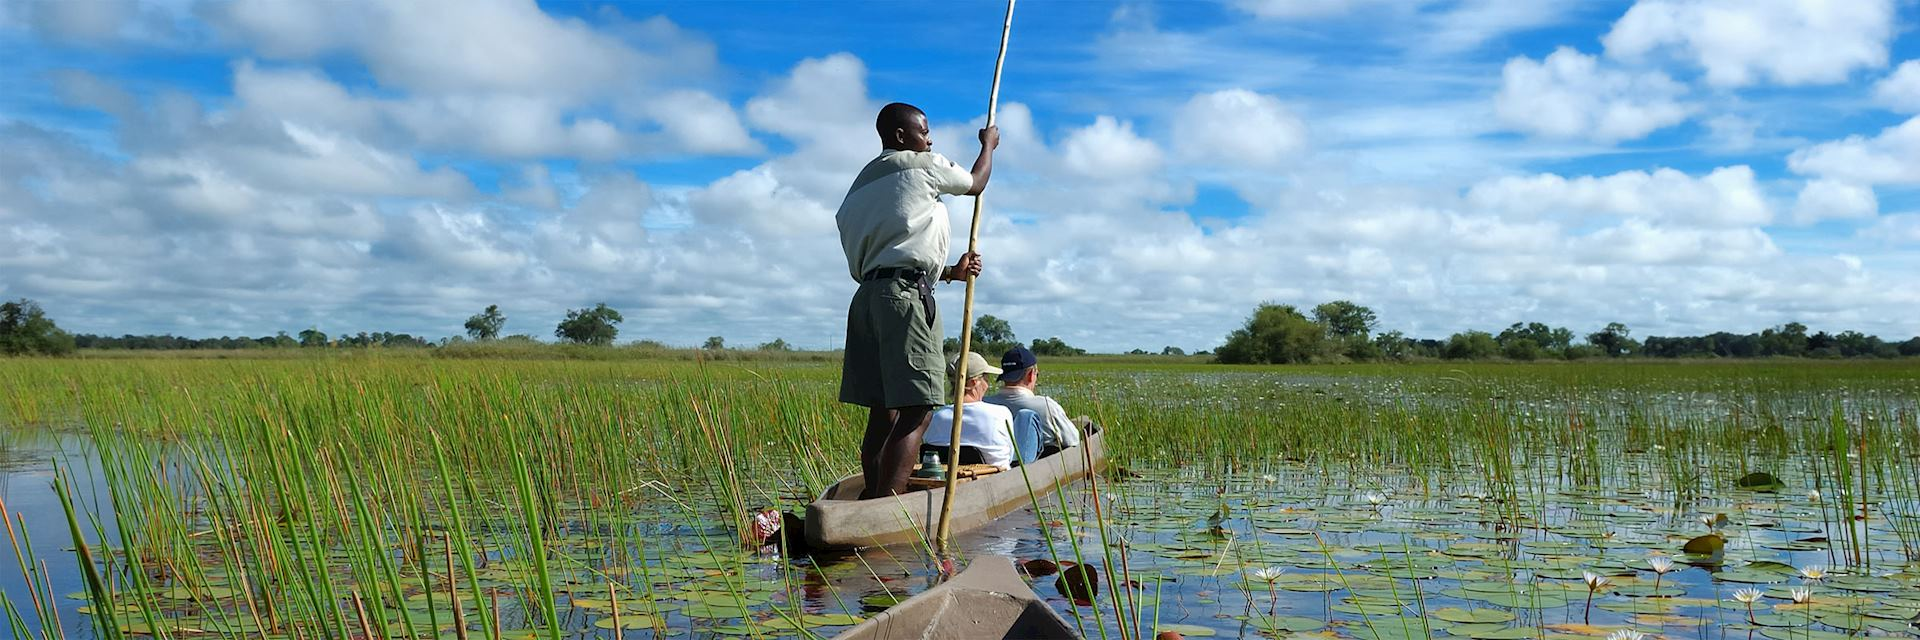 Mokoro trip in Botswana